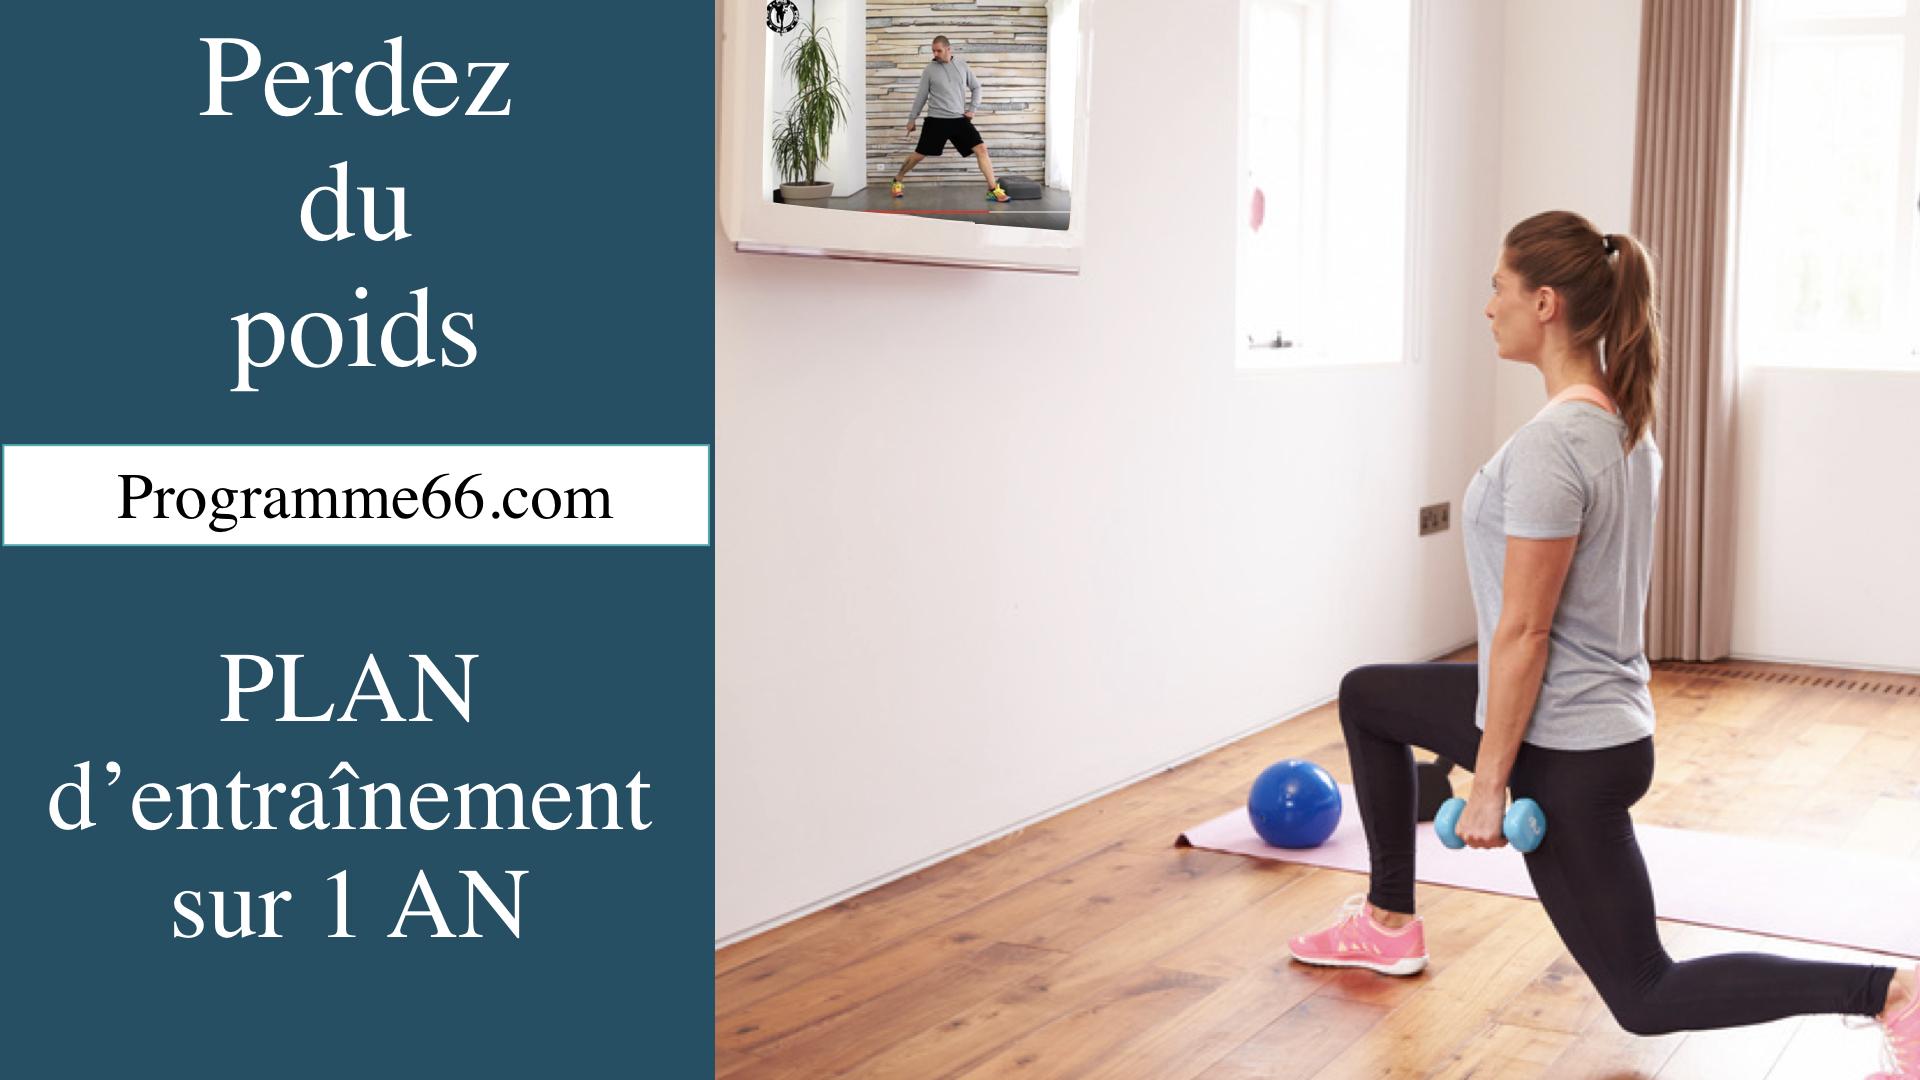 Programmes d'entraînement en vidéo pour perdre du poids efficacement